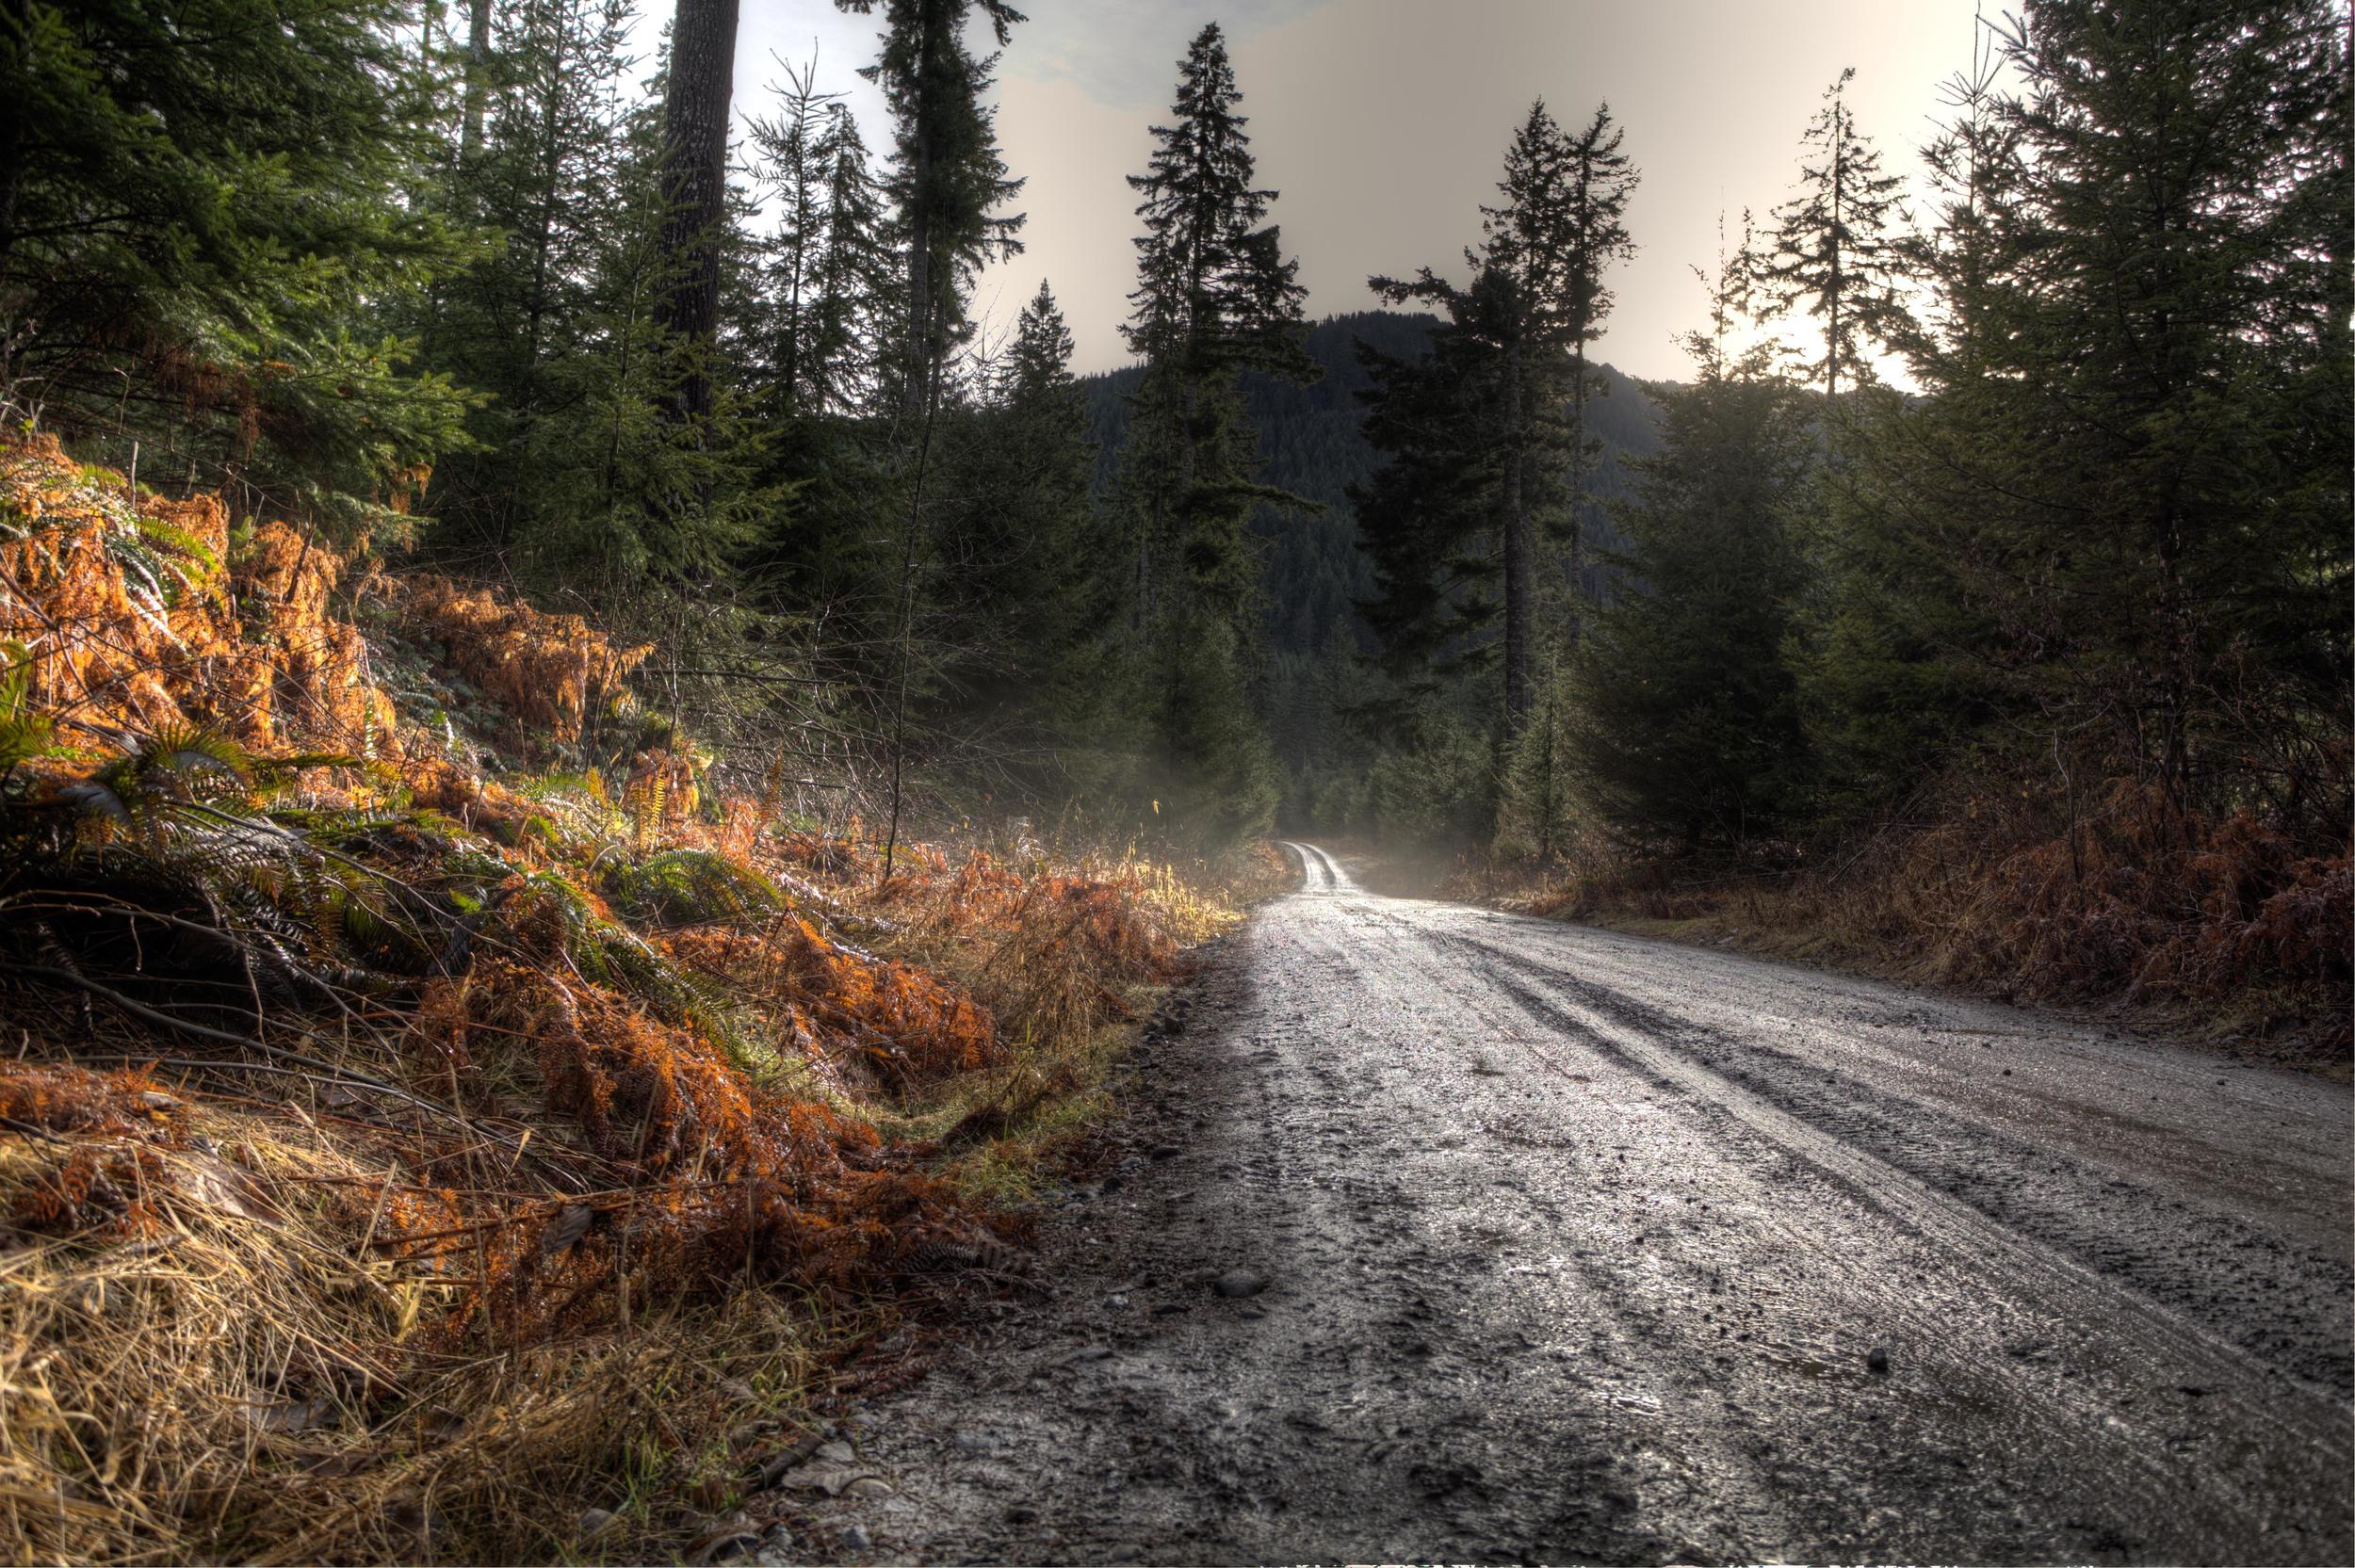 Warm winter roads